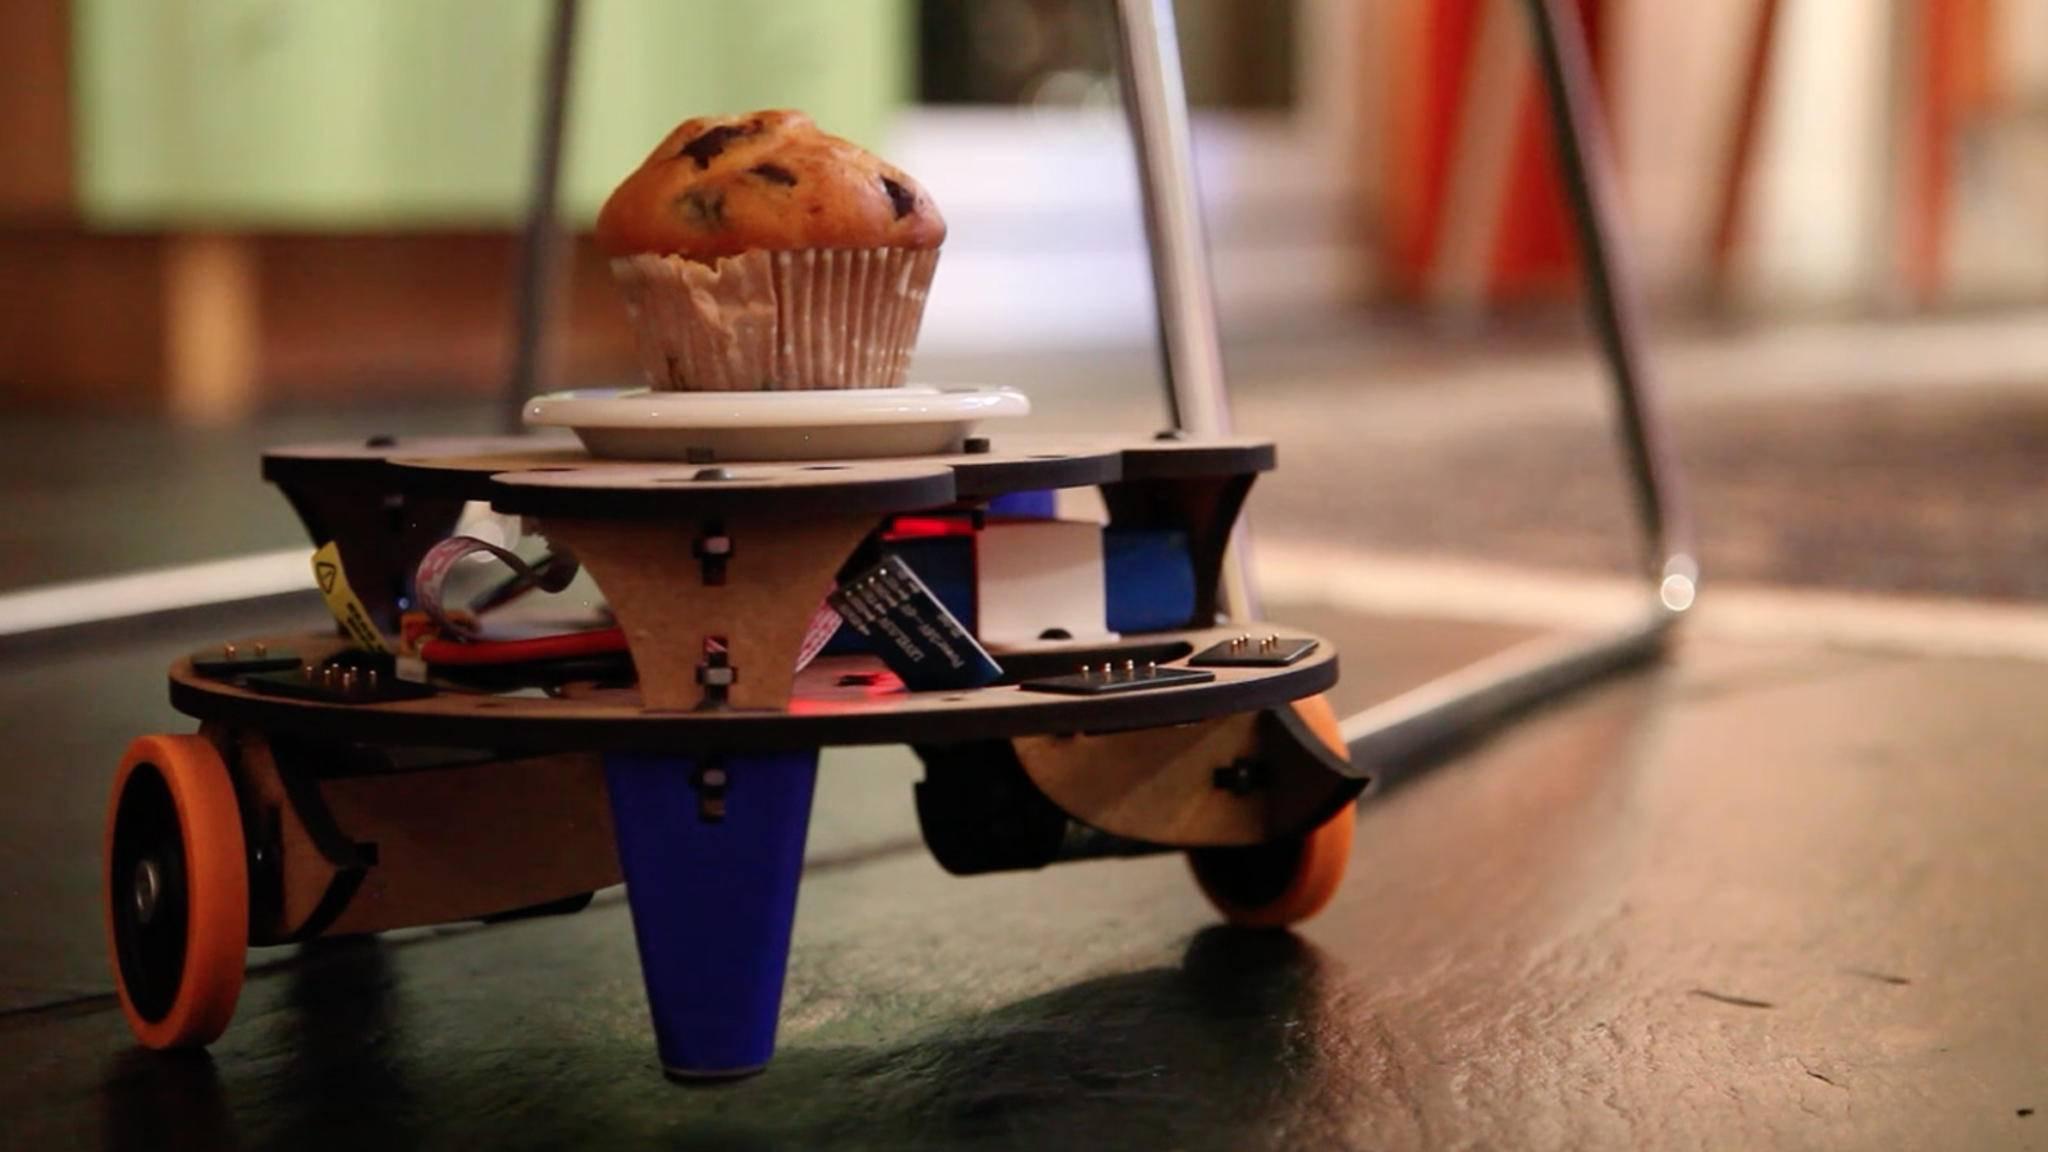 Man kann den Roboter auch als automatischen Servierwagen für Muffins verwenden.